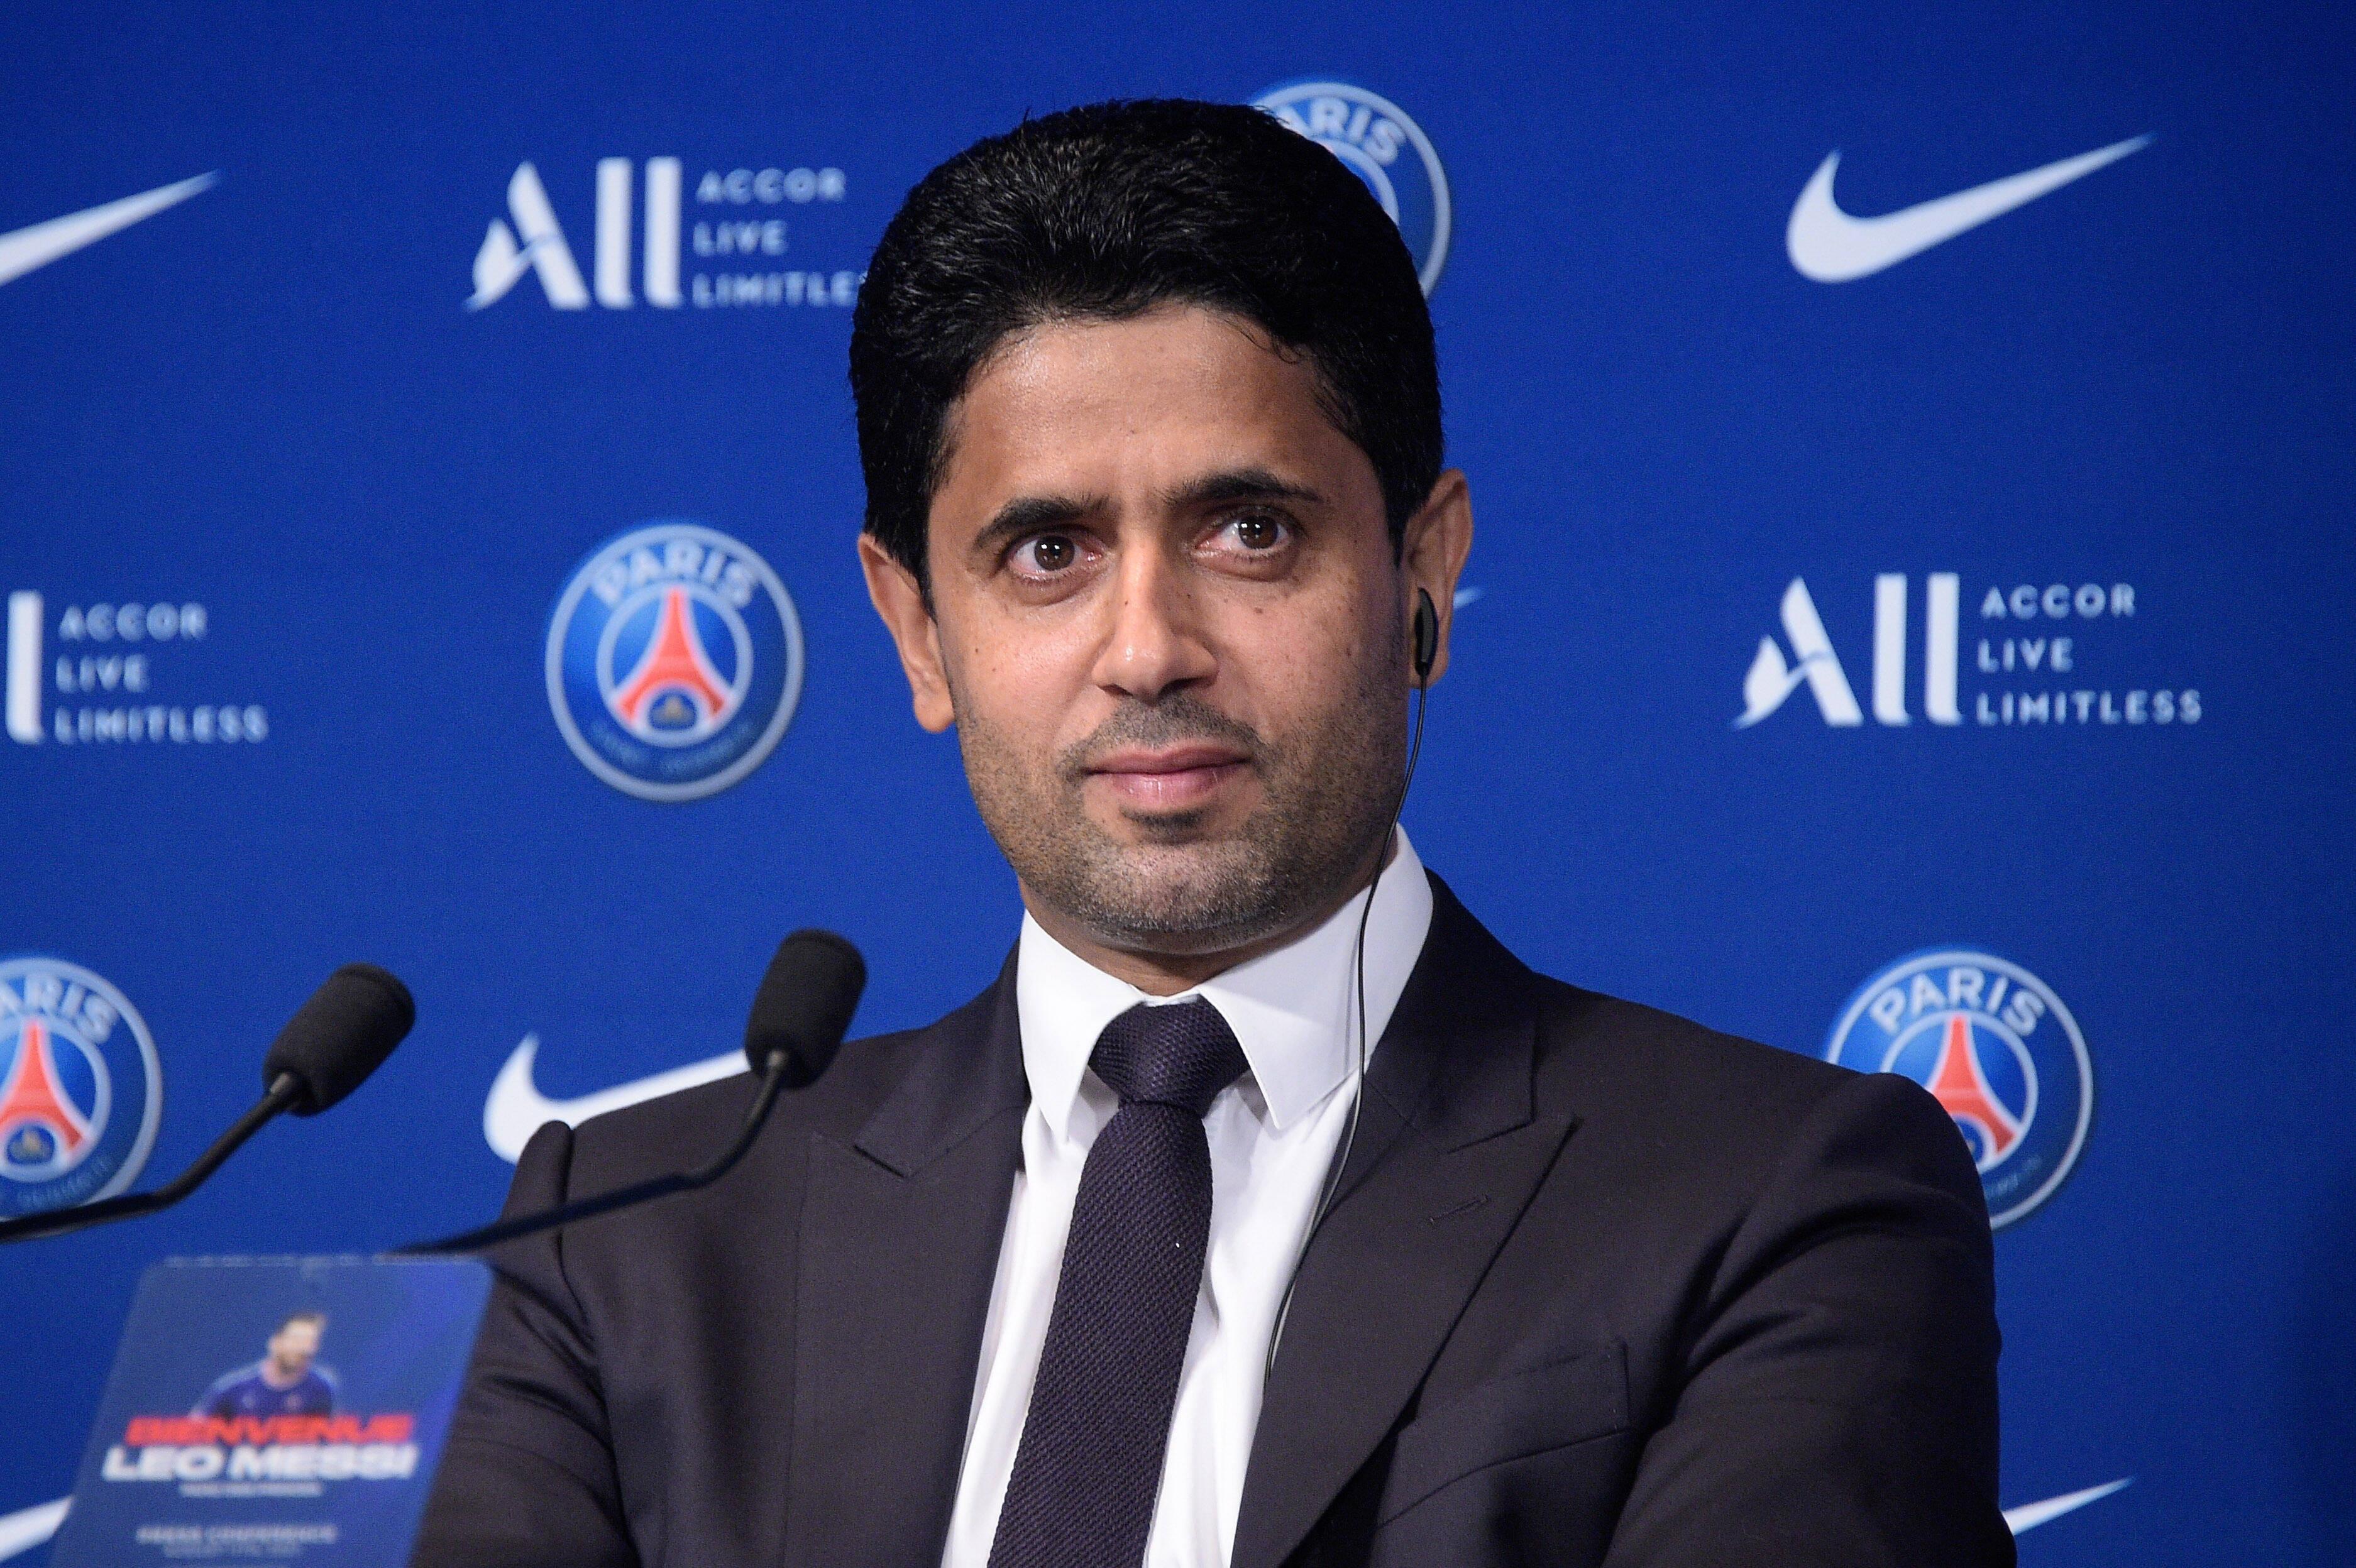 'เราได้ปกป้องผลประโยชน์ของฟุตบอลยุโรป'